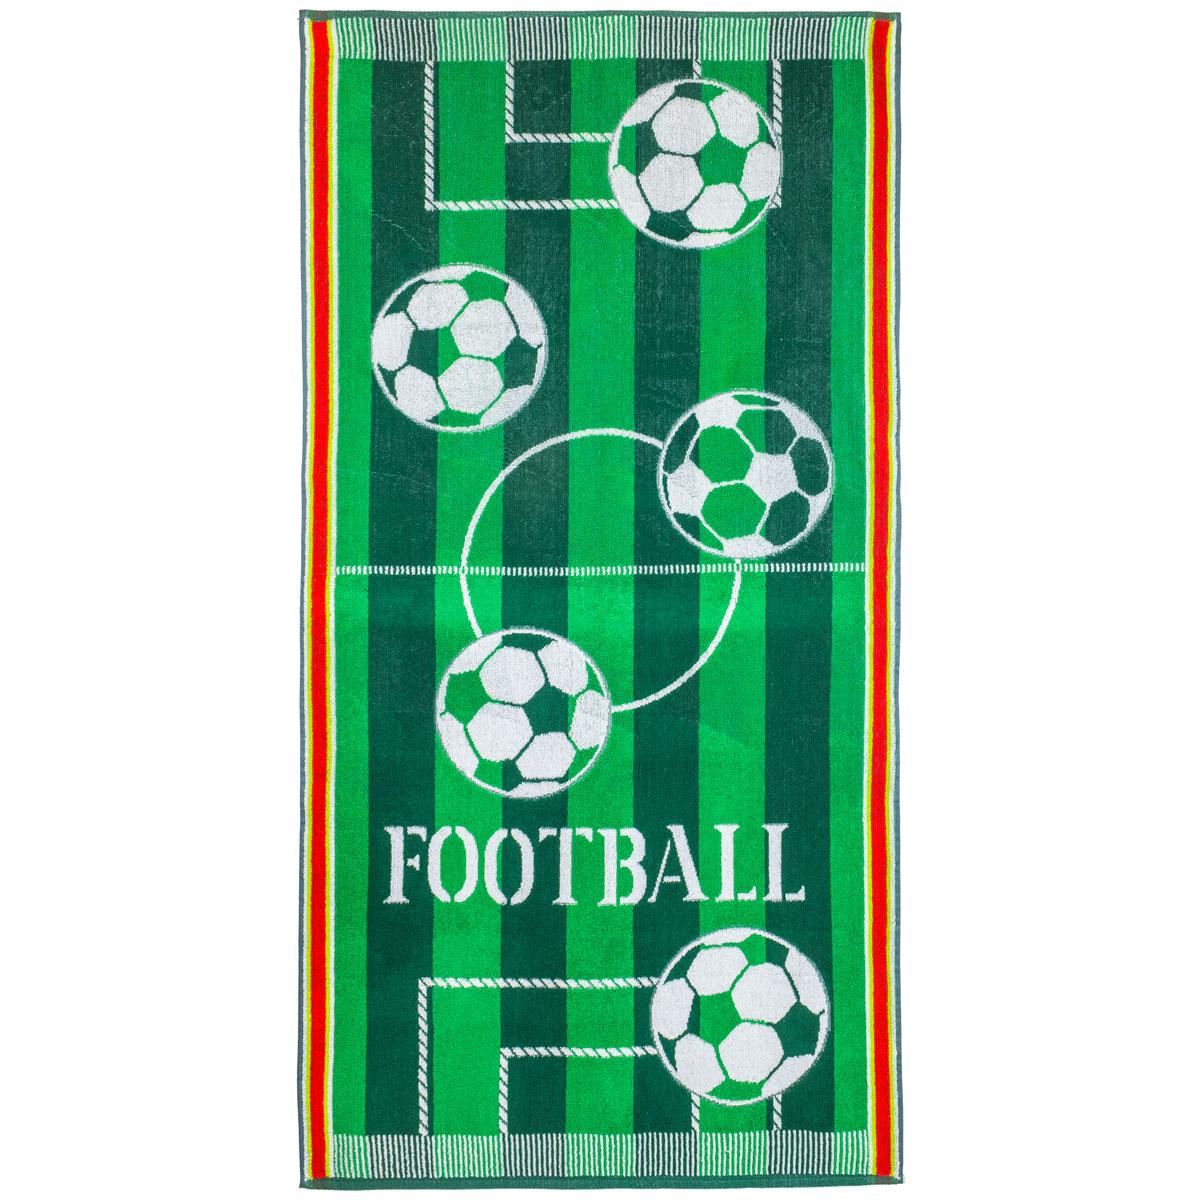 Полотенце Футбол р. 70х140Махровые полотенца<br>Плотность ткани: 420 г/кв. м<br><br>Тип: Полотенце<br>Размер: 70х140<br>Материал: Махра